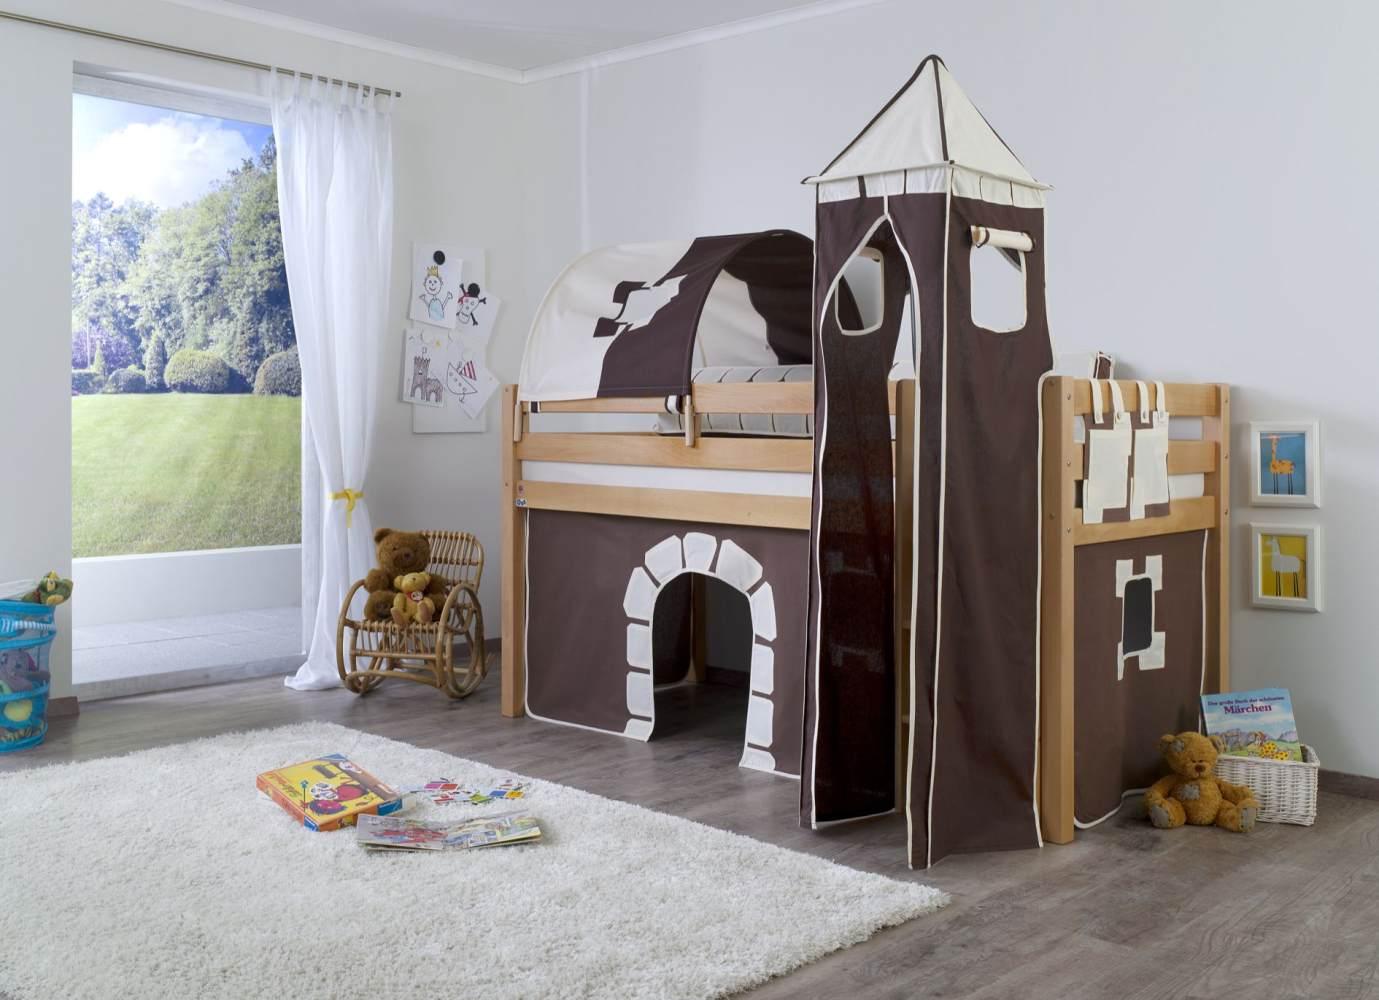 Relita Halbhohes Spielbett ALEX Buche massiv natur lackiert mit Stoffset Vorhang, 1-er Tunnel, Turm, Tasche Bild 1